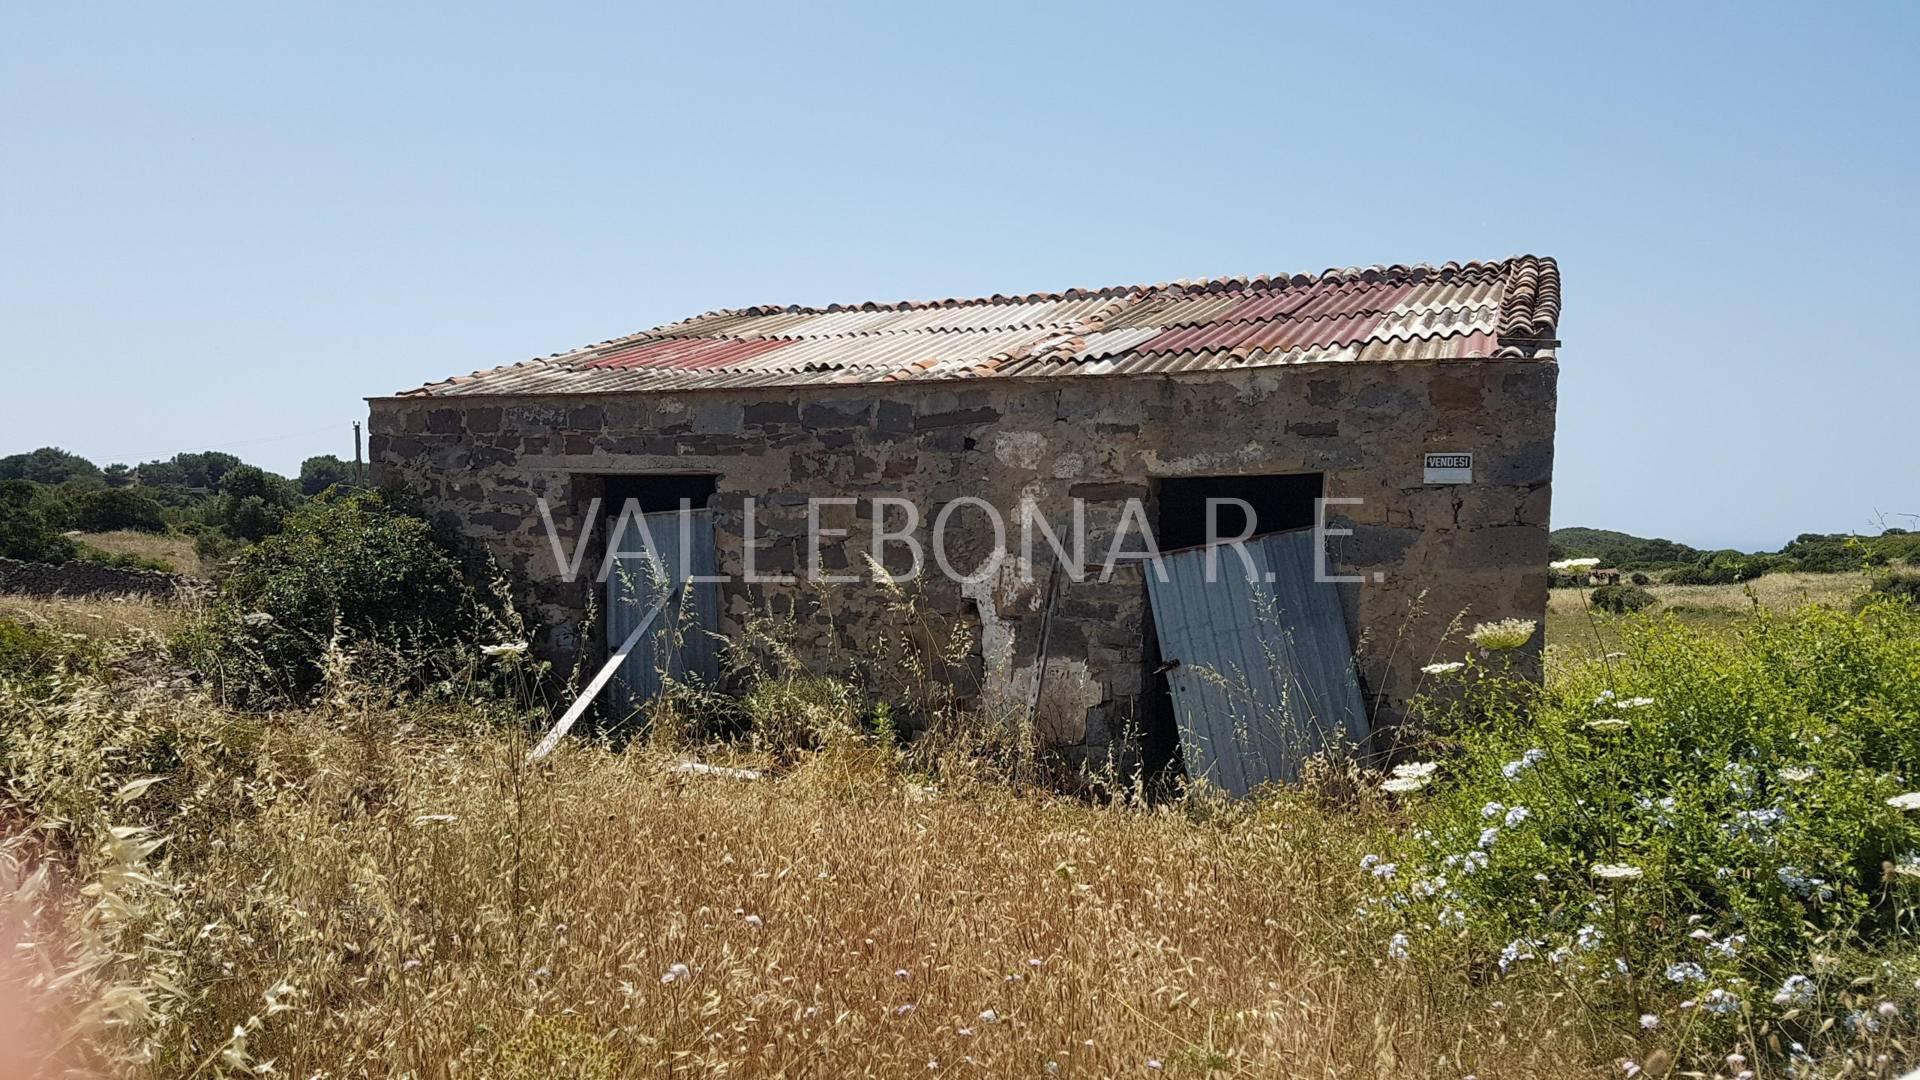 Rustico / Casale in vendita a Carloforte, 3 locali, prezzo € 130.000 | CambioCasa.it